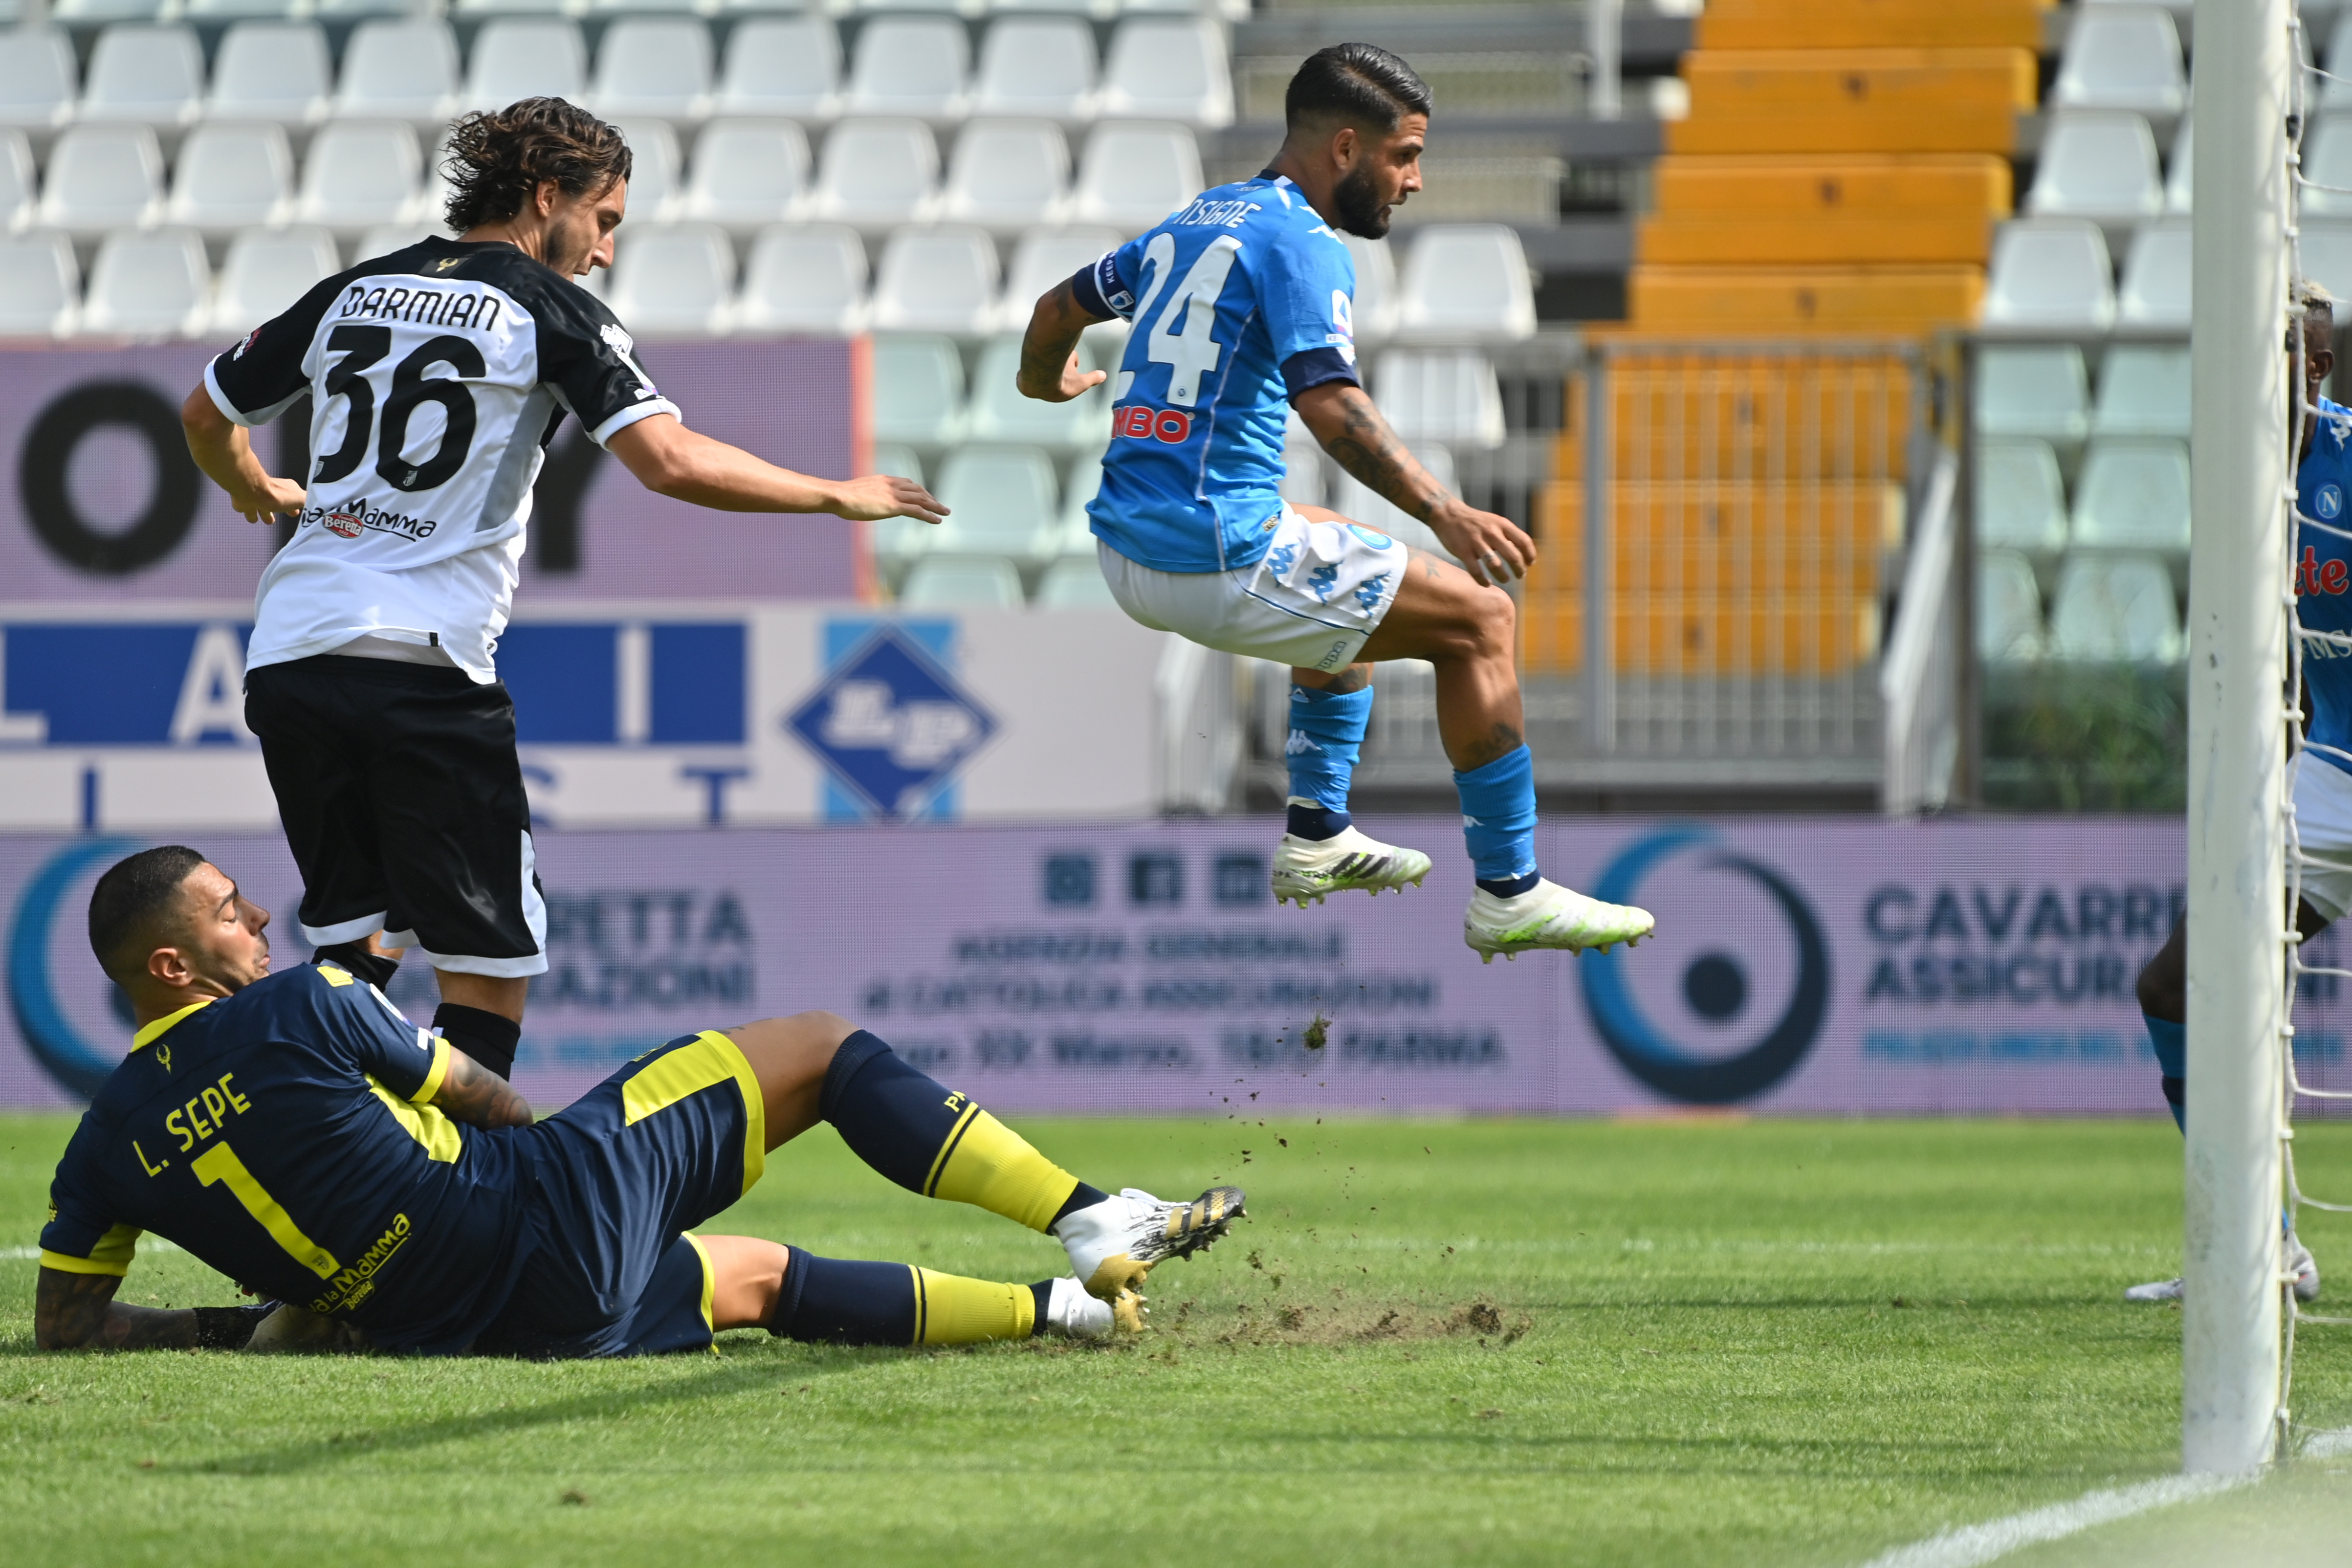 A Napoli győzelemmel kezdte a Serie A új idényét - videó